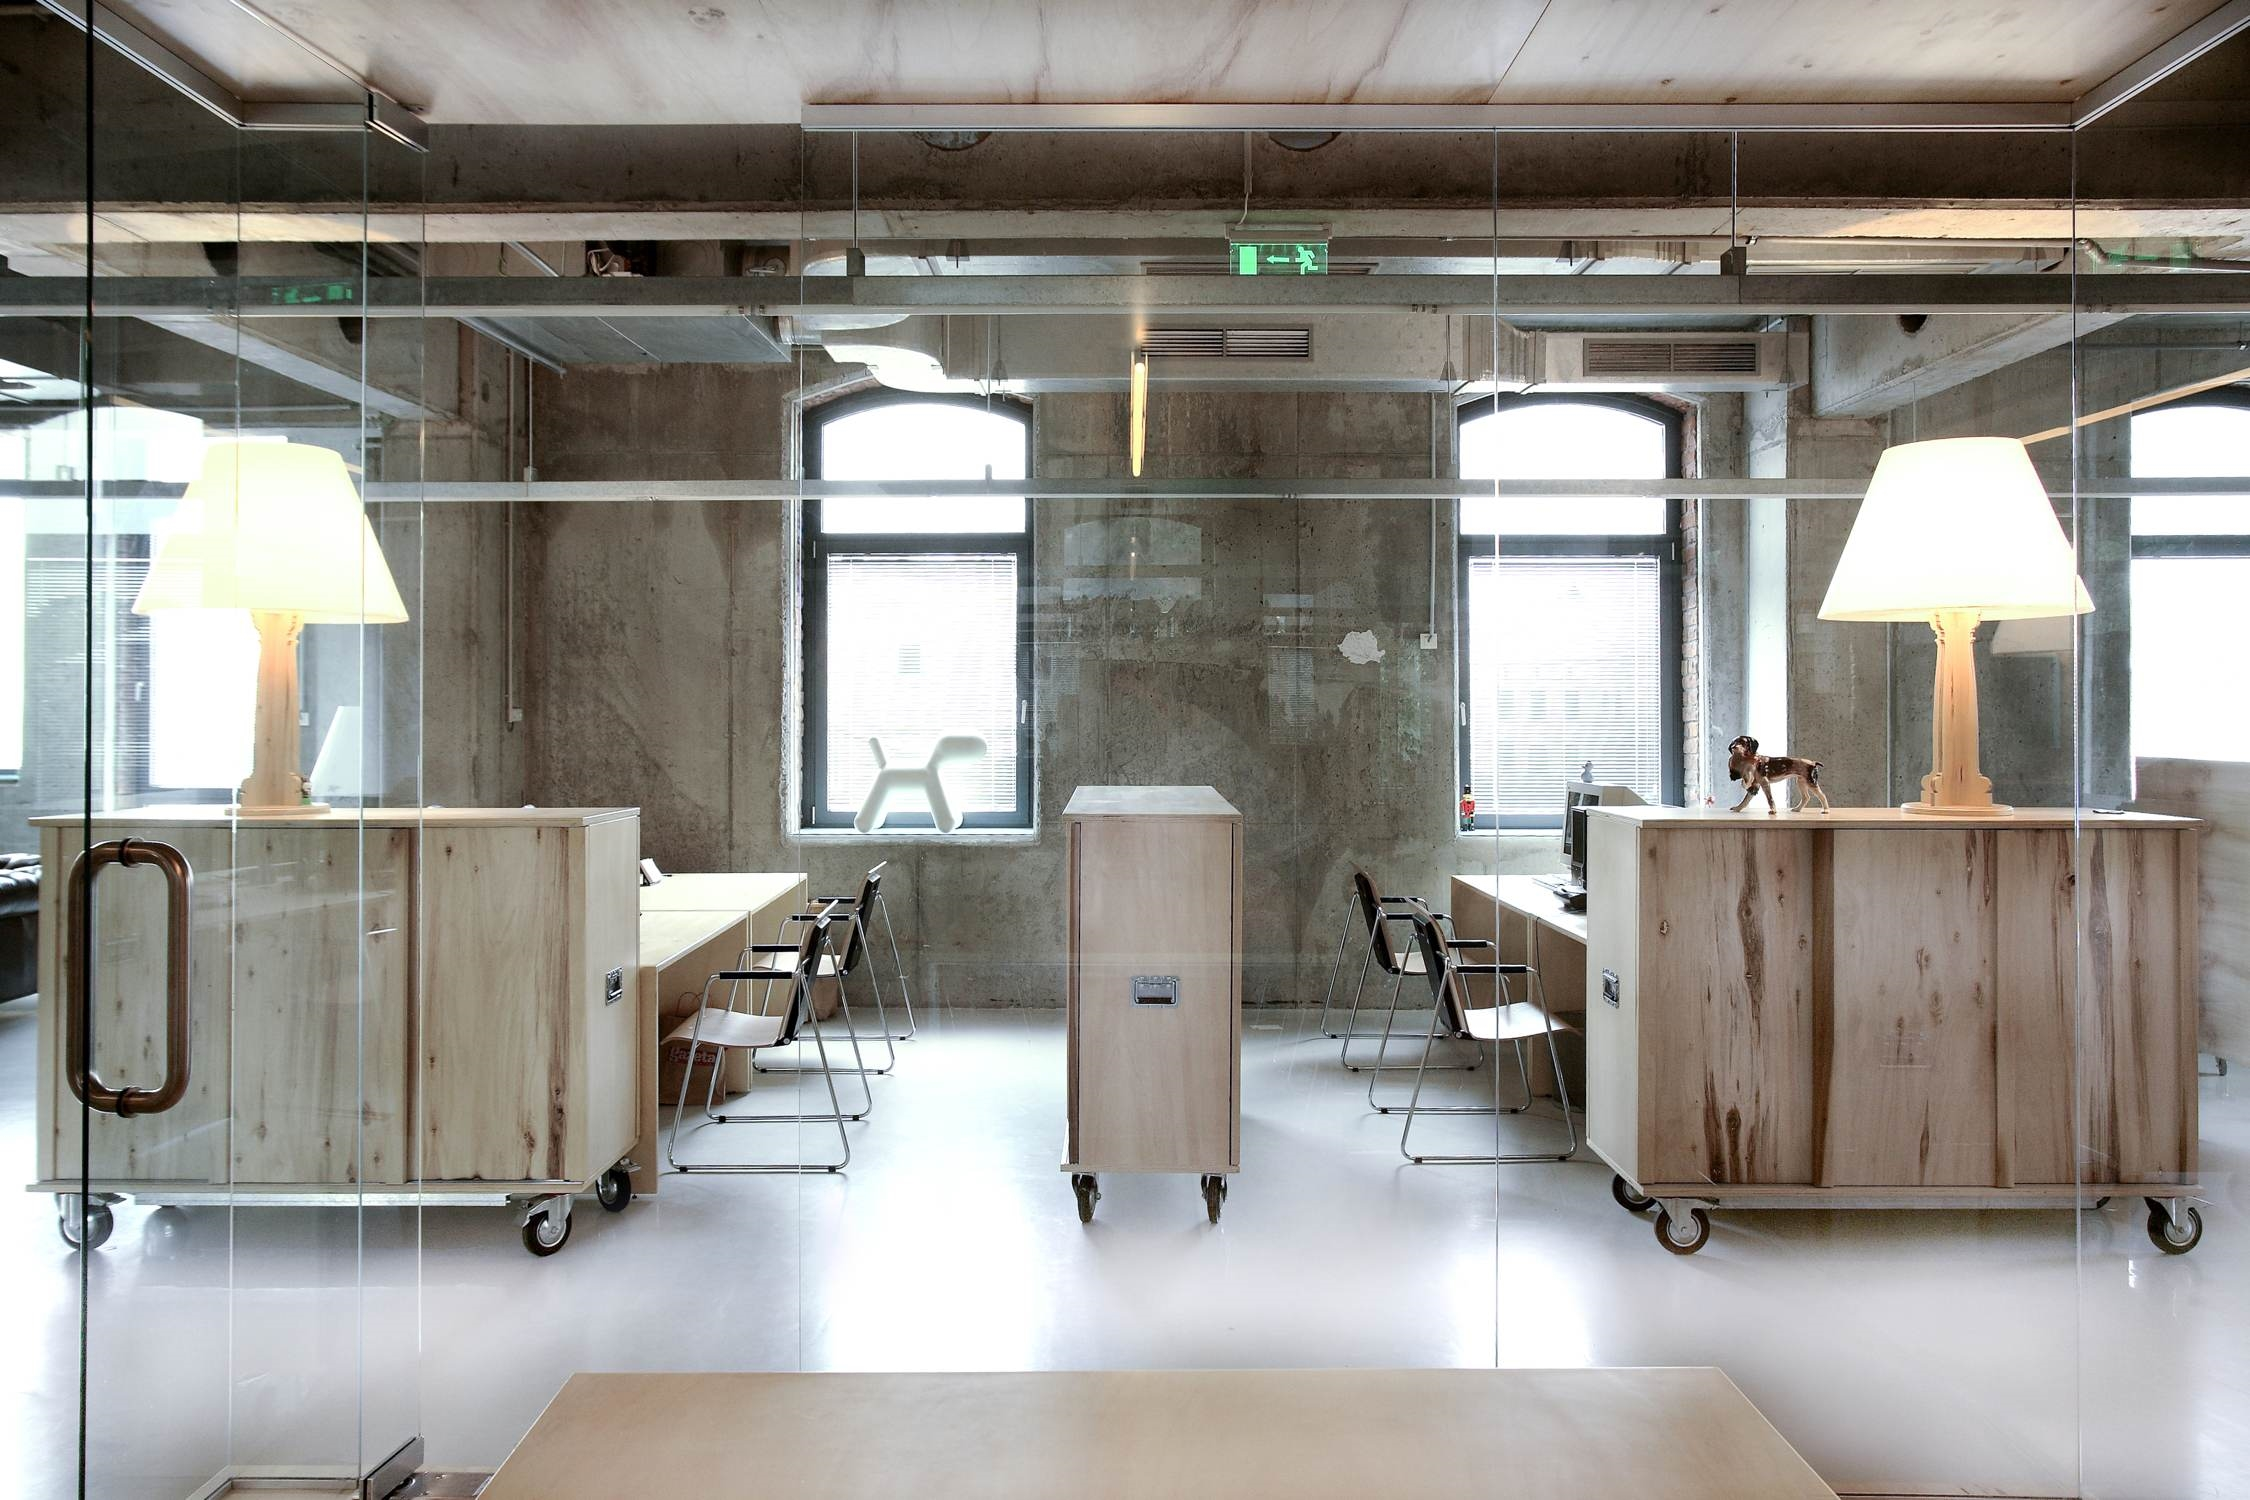 Колесики - удобный и практичный элемент офисной мебели